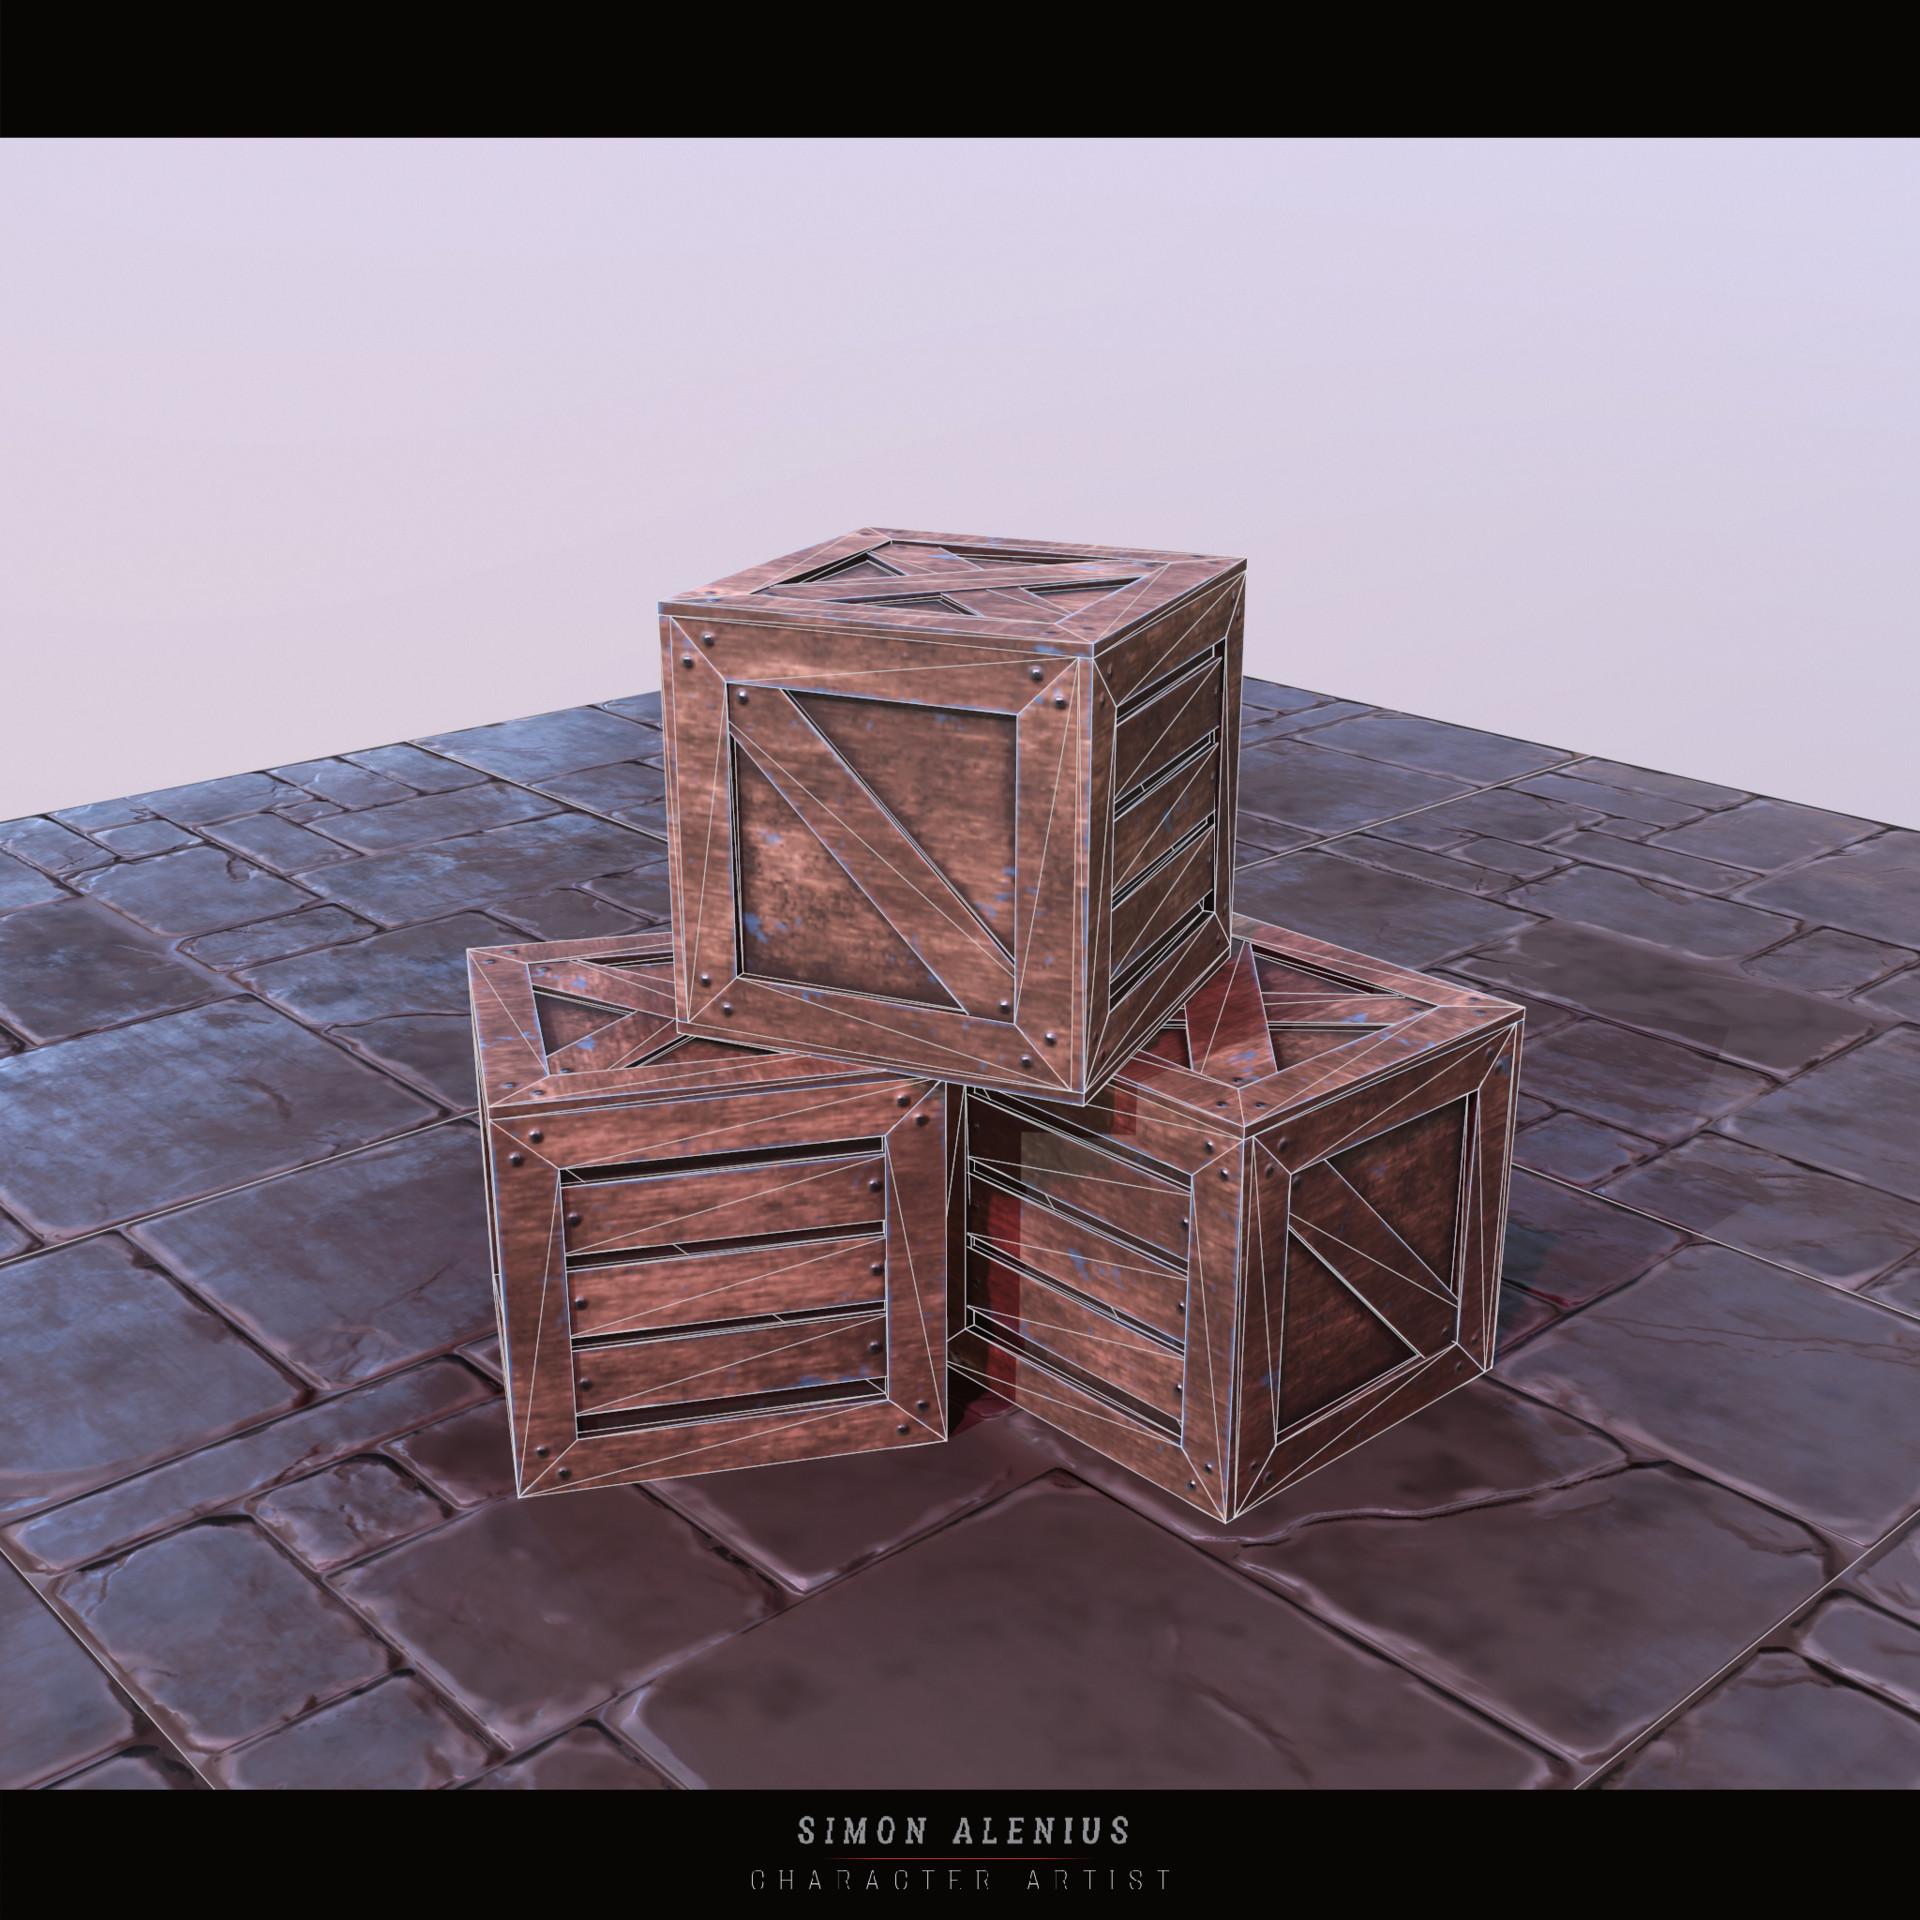 Simon alenius crates02